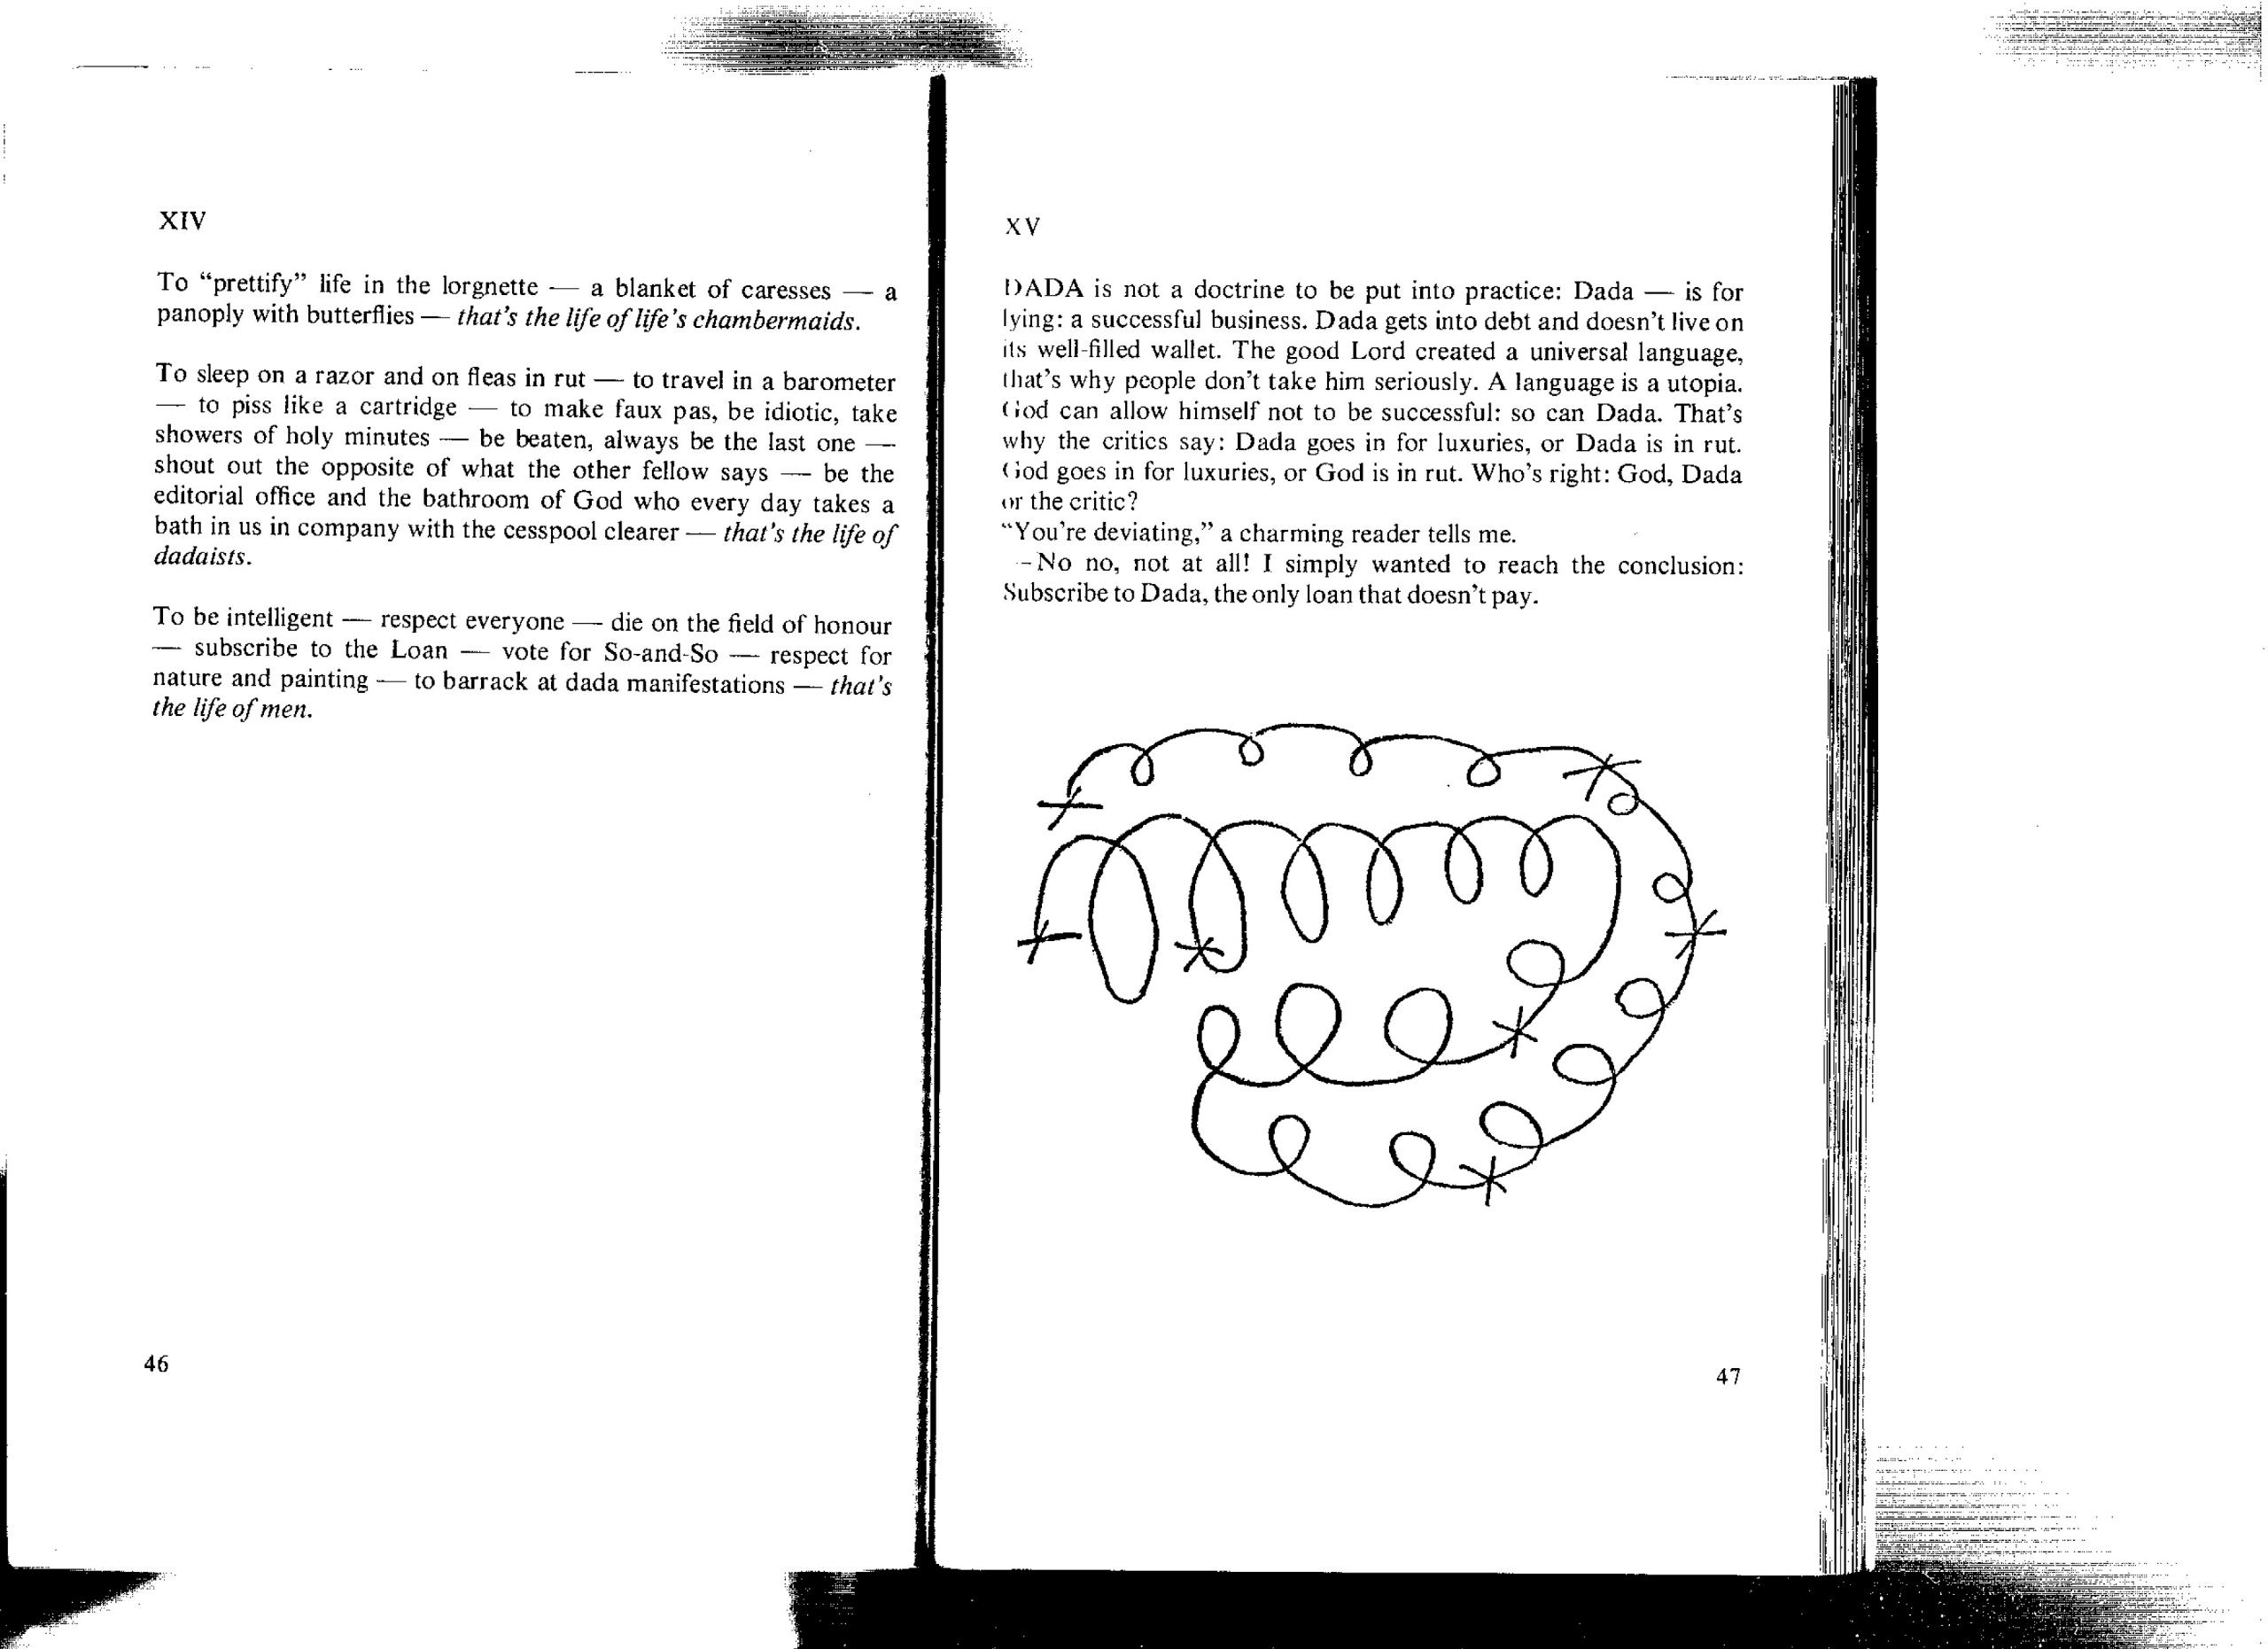 Zdjęcie przedstawia kserokopię tekstu. Widzimy czarne litery na białym tle i niezgrabny rysunek.